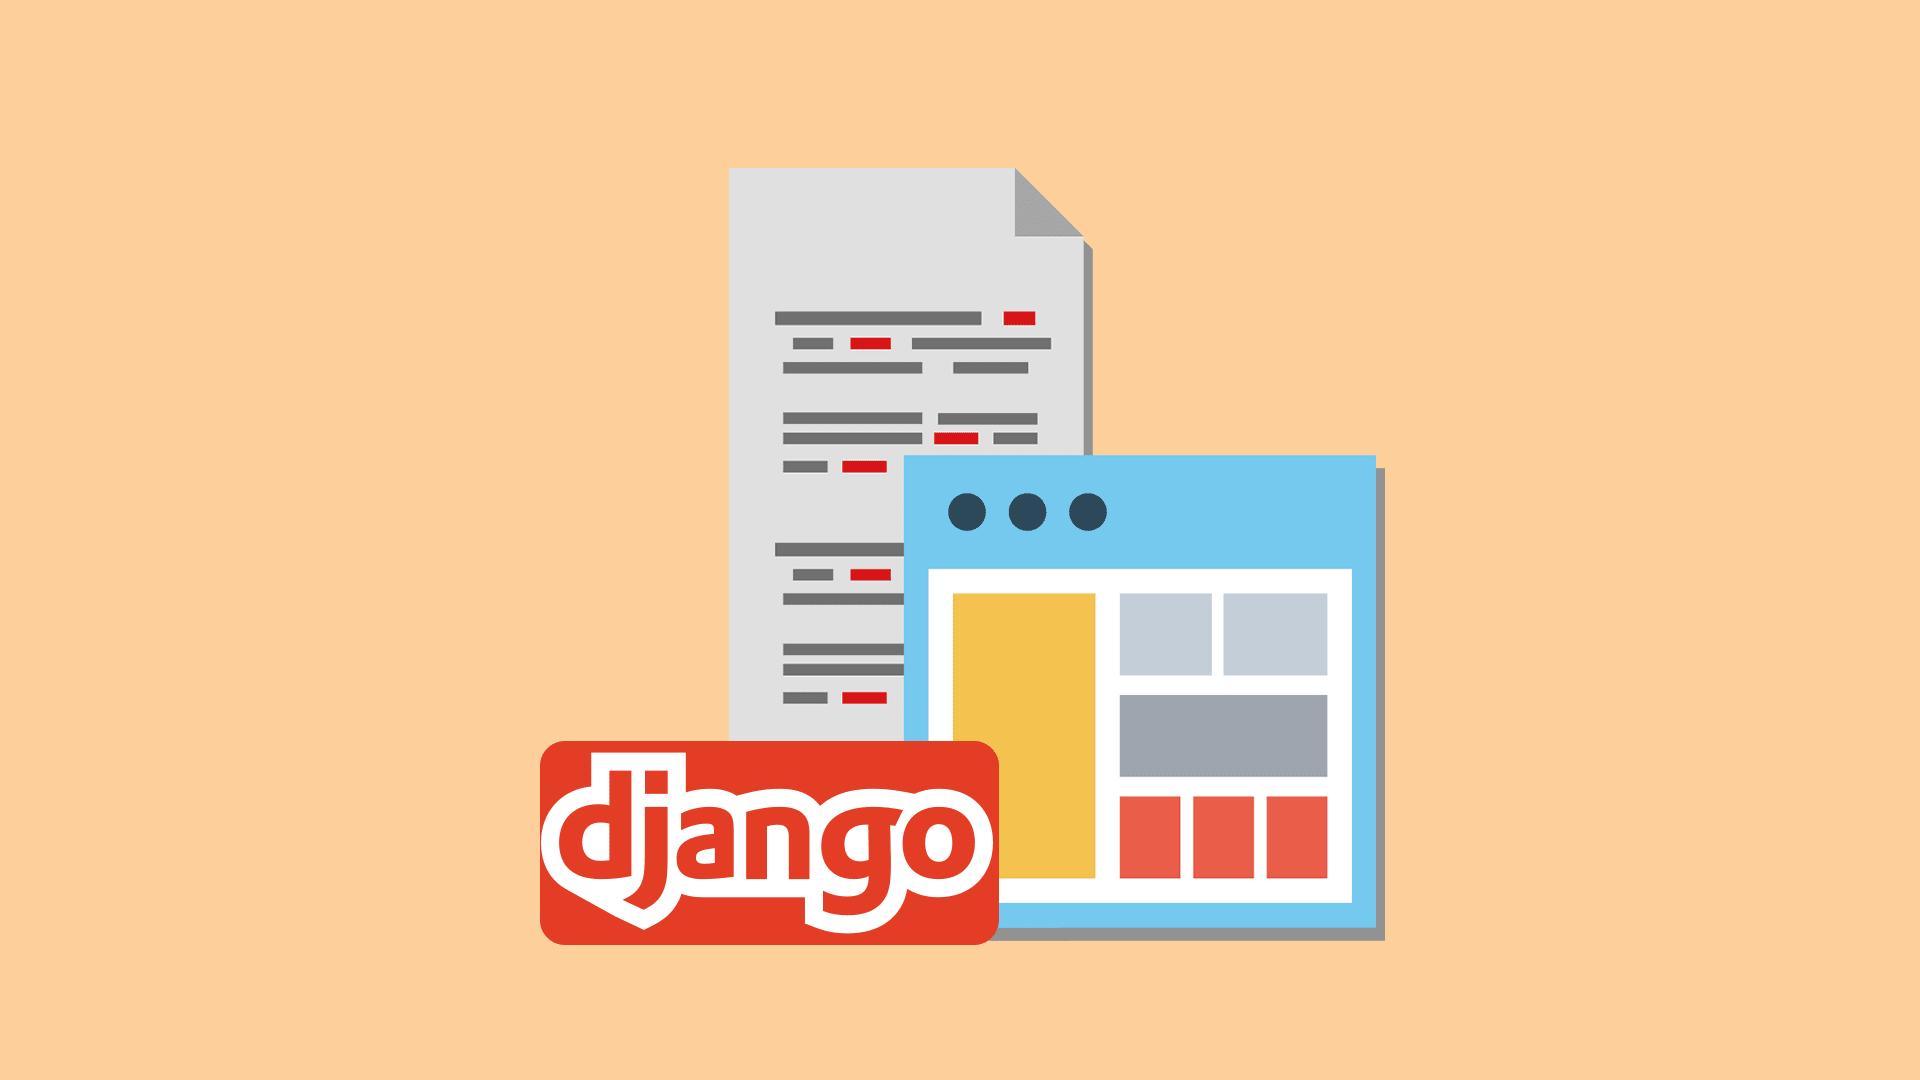 آموزش View کلاس محور در جنگو (Django)